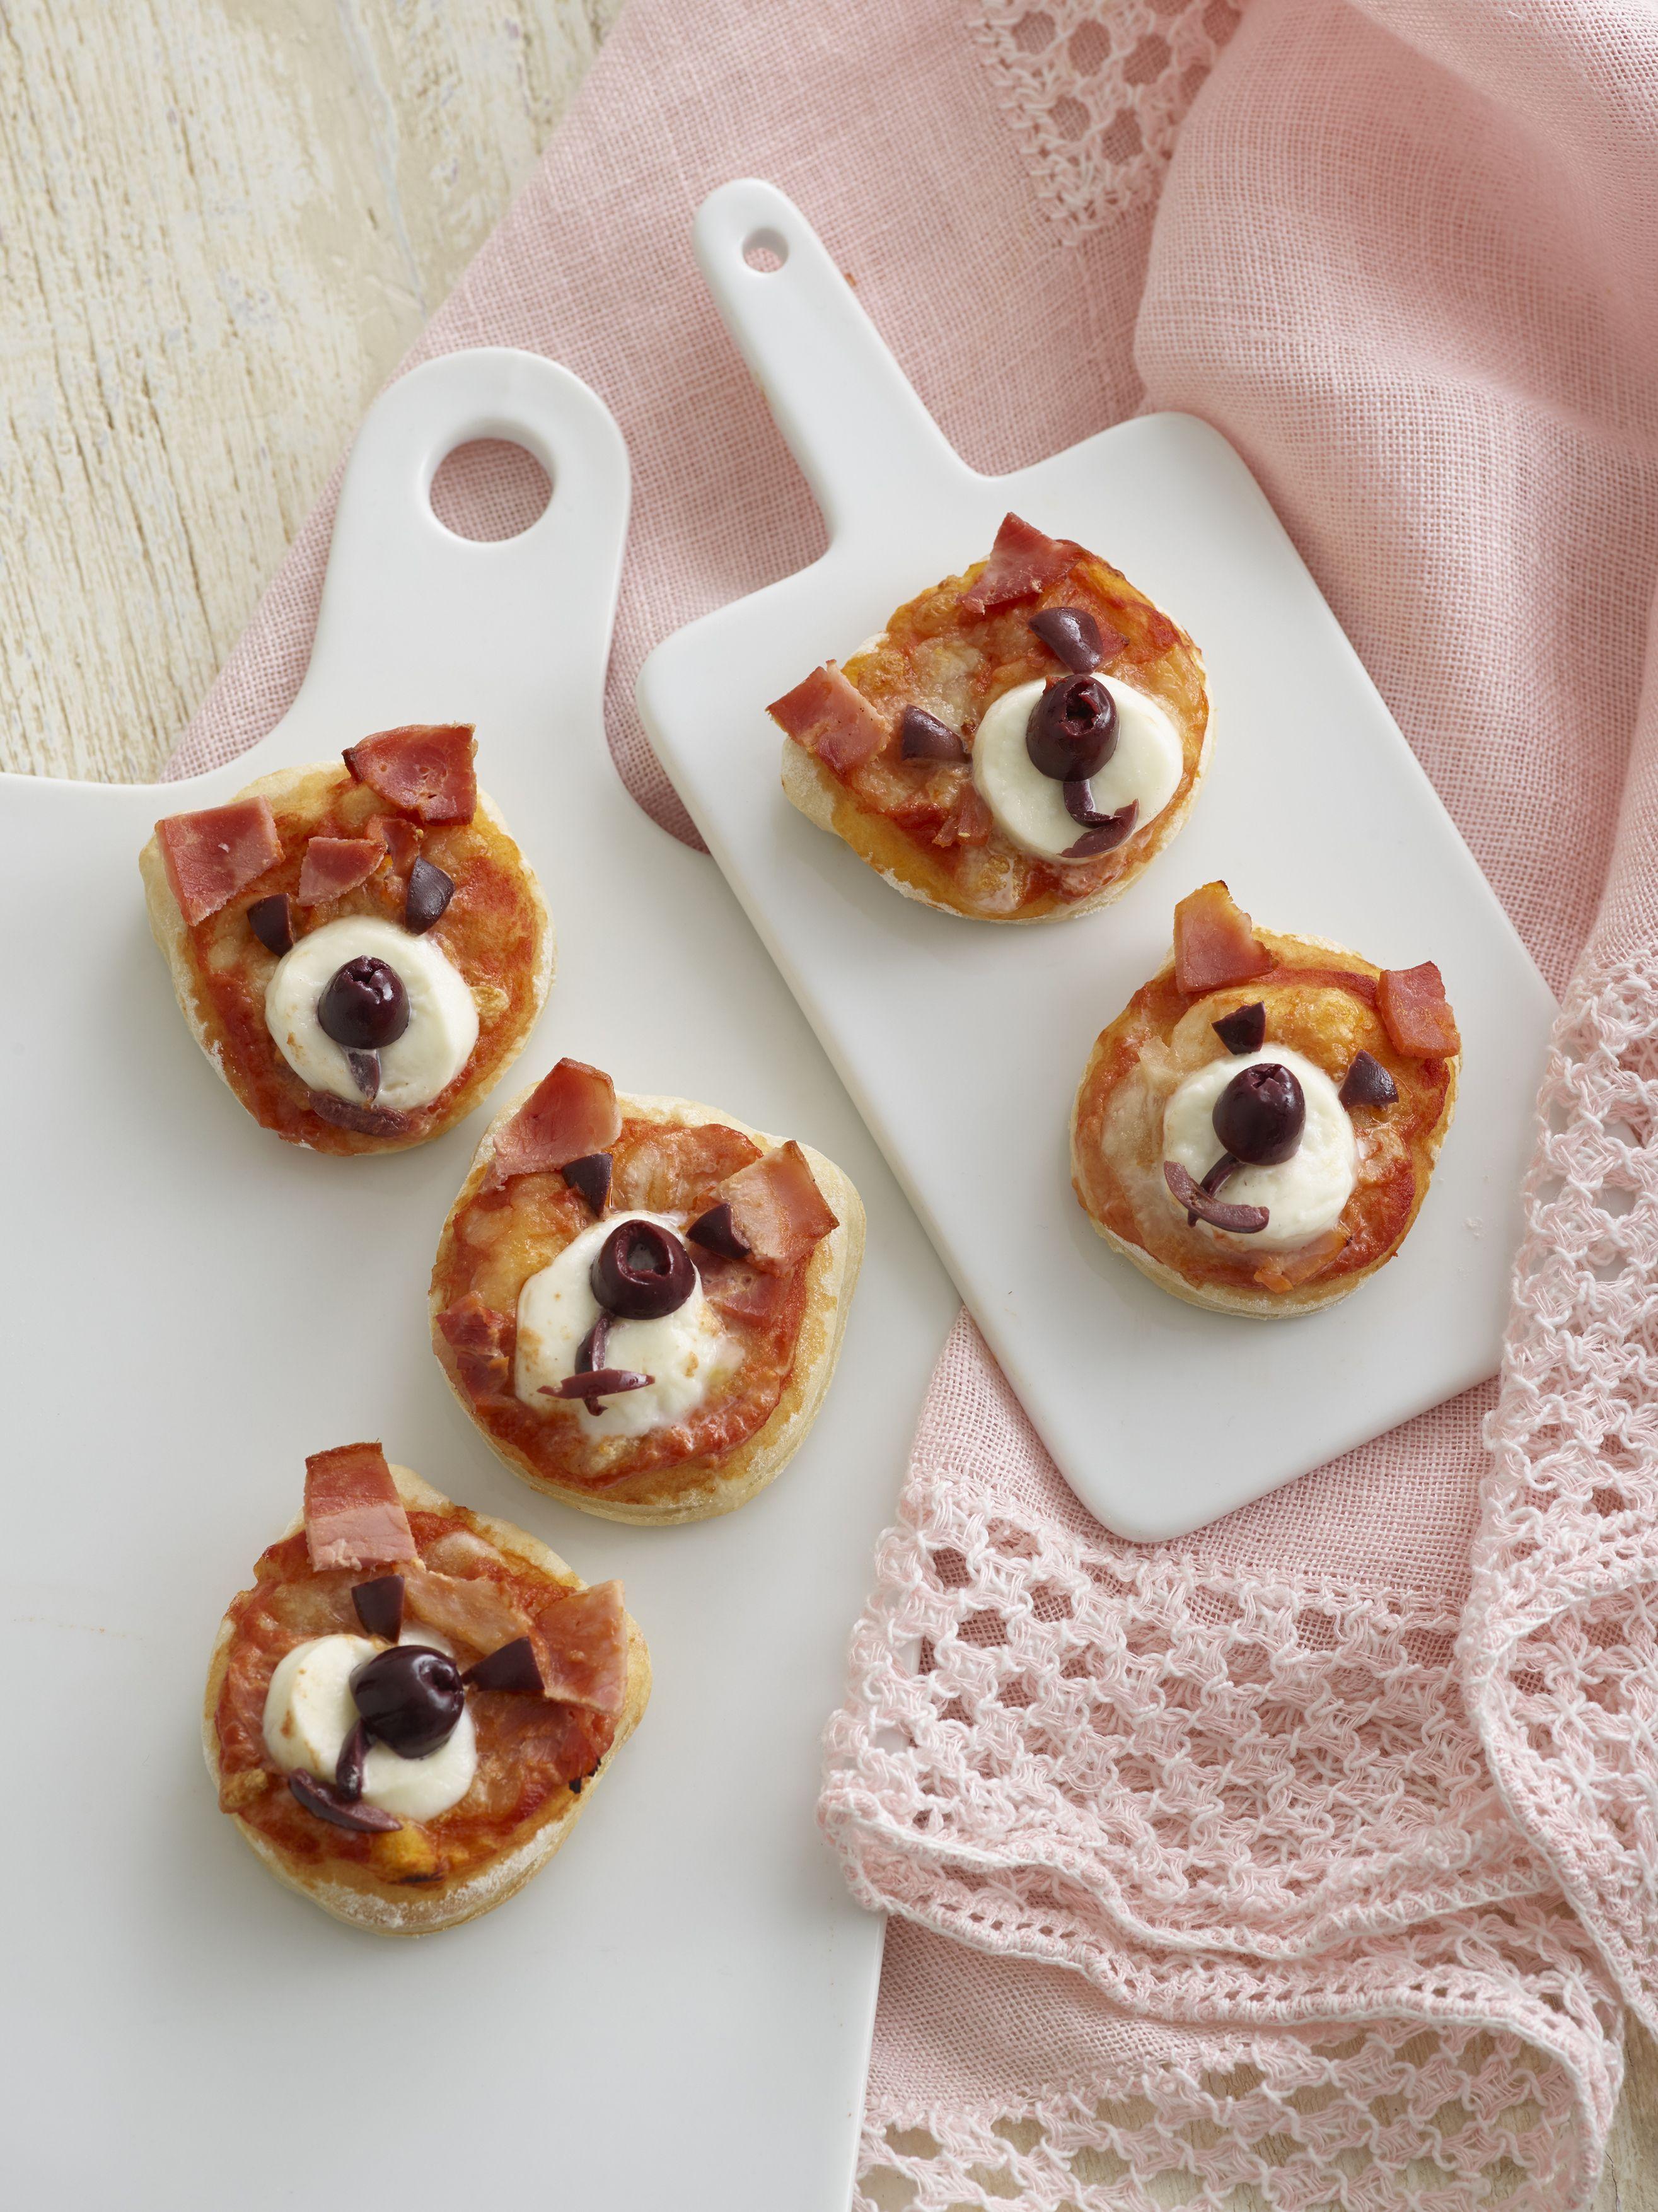 Teddy Bear Pizzas